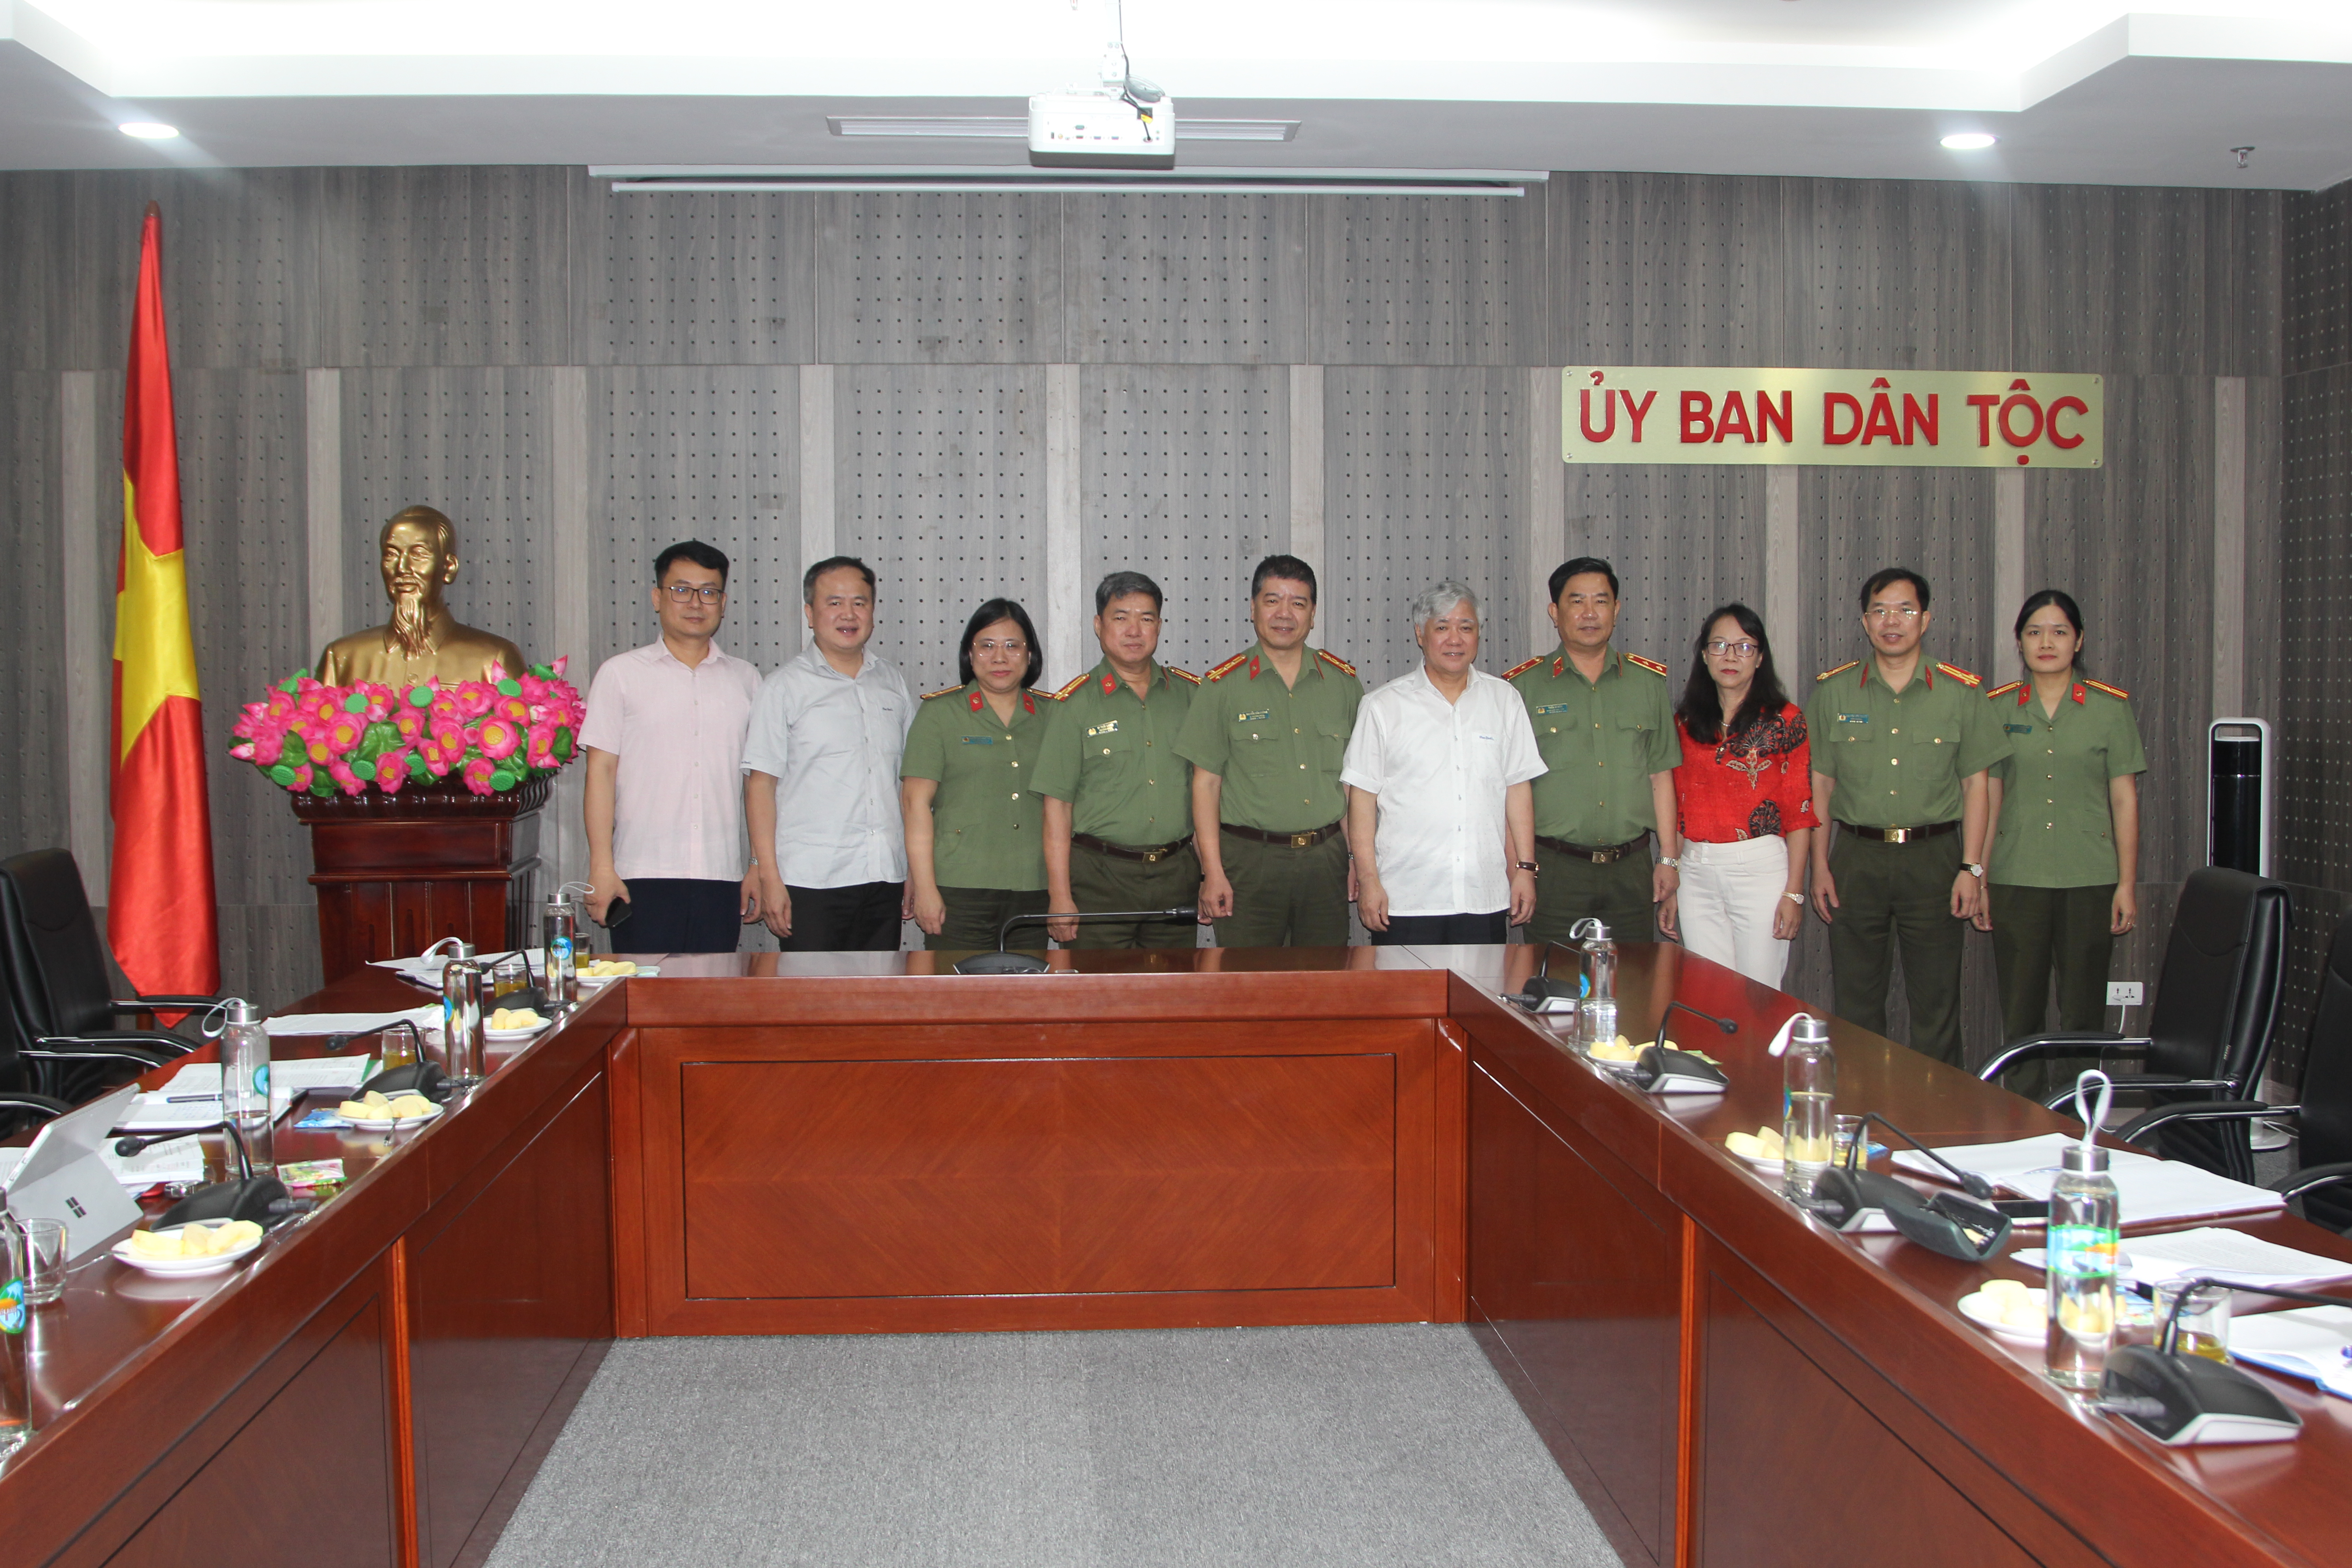 Bộ trưởng, Chủ nhiệm Đỗ Văn Chiến; Thứ trưởng, Phó Chủ nhiệm Hoàng Thị Hạnh và Lãnh đạo một số Vụ thuộc UBDT chụp ảnh lưu niệm với Đoàn công tác Học viện Chính trị CAND.